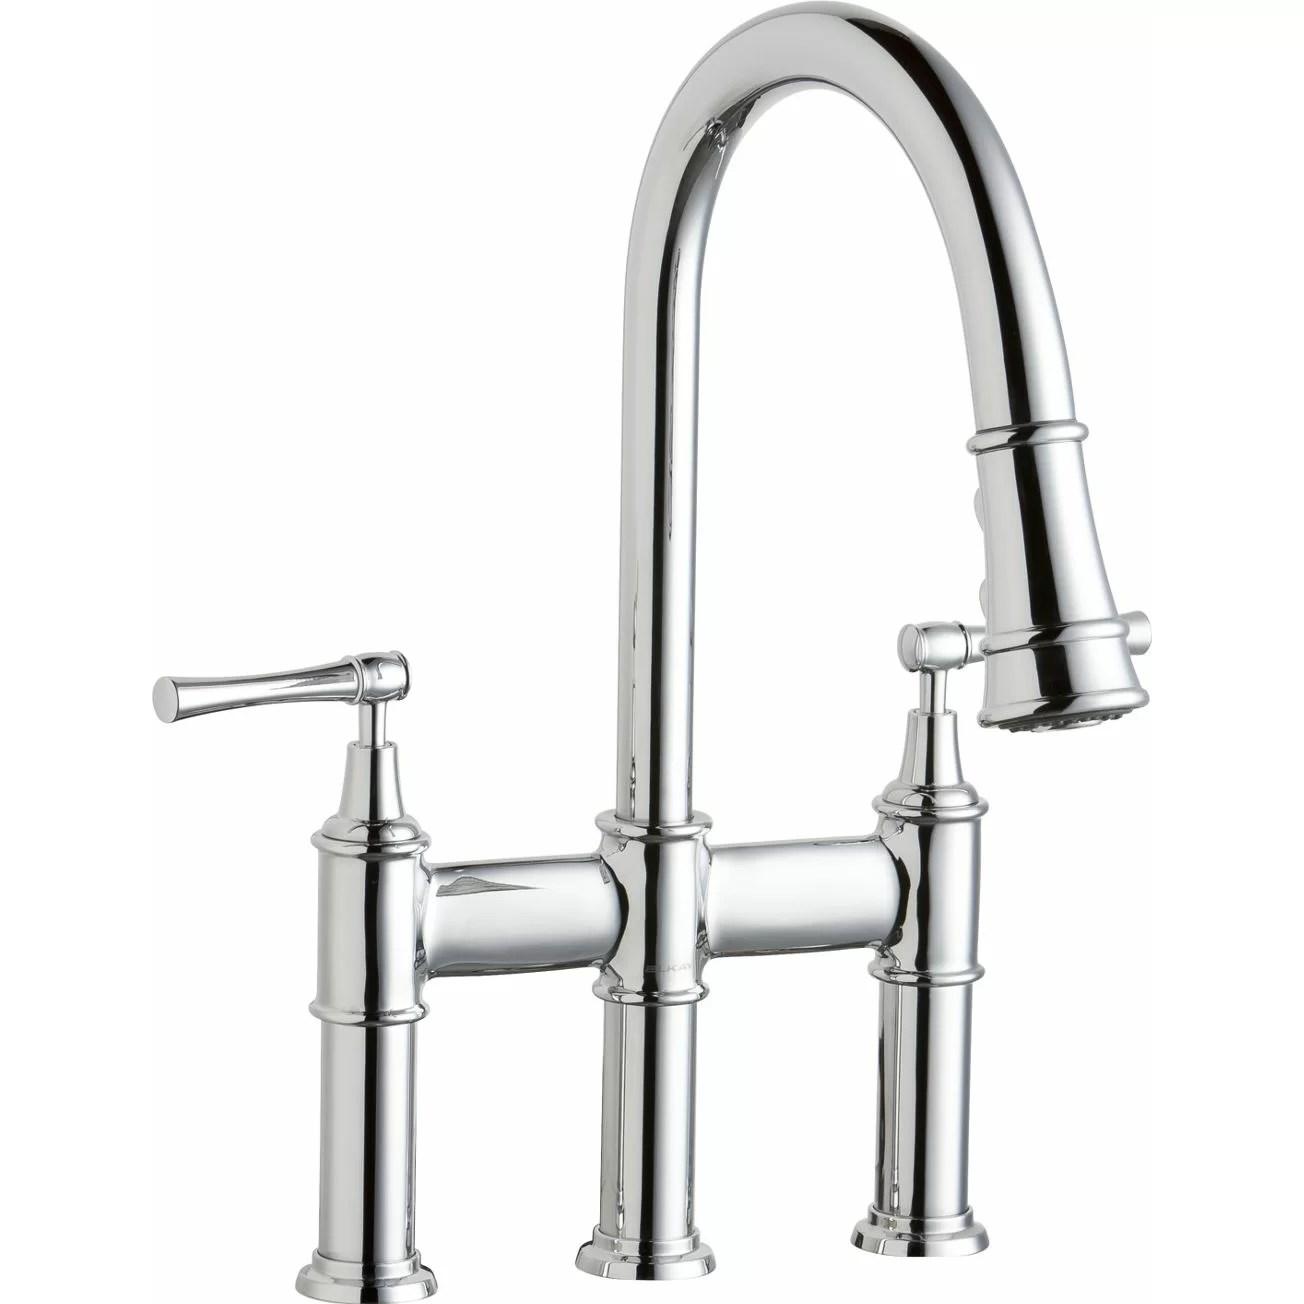 Elkay Explore Double Handle Deck Mount Kitchen Faucet